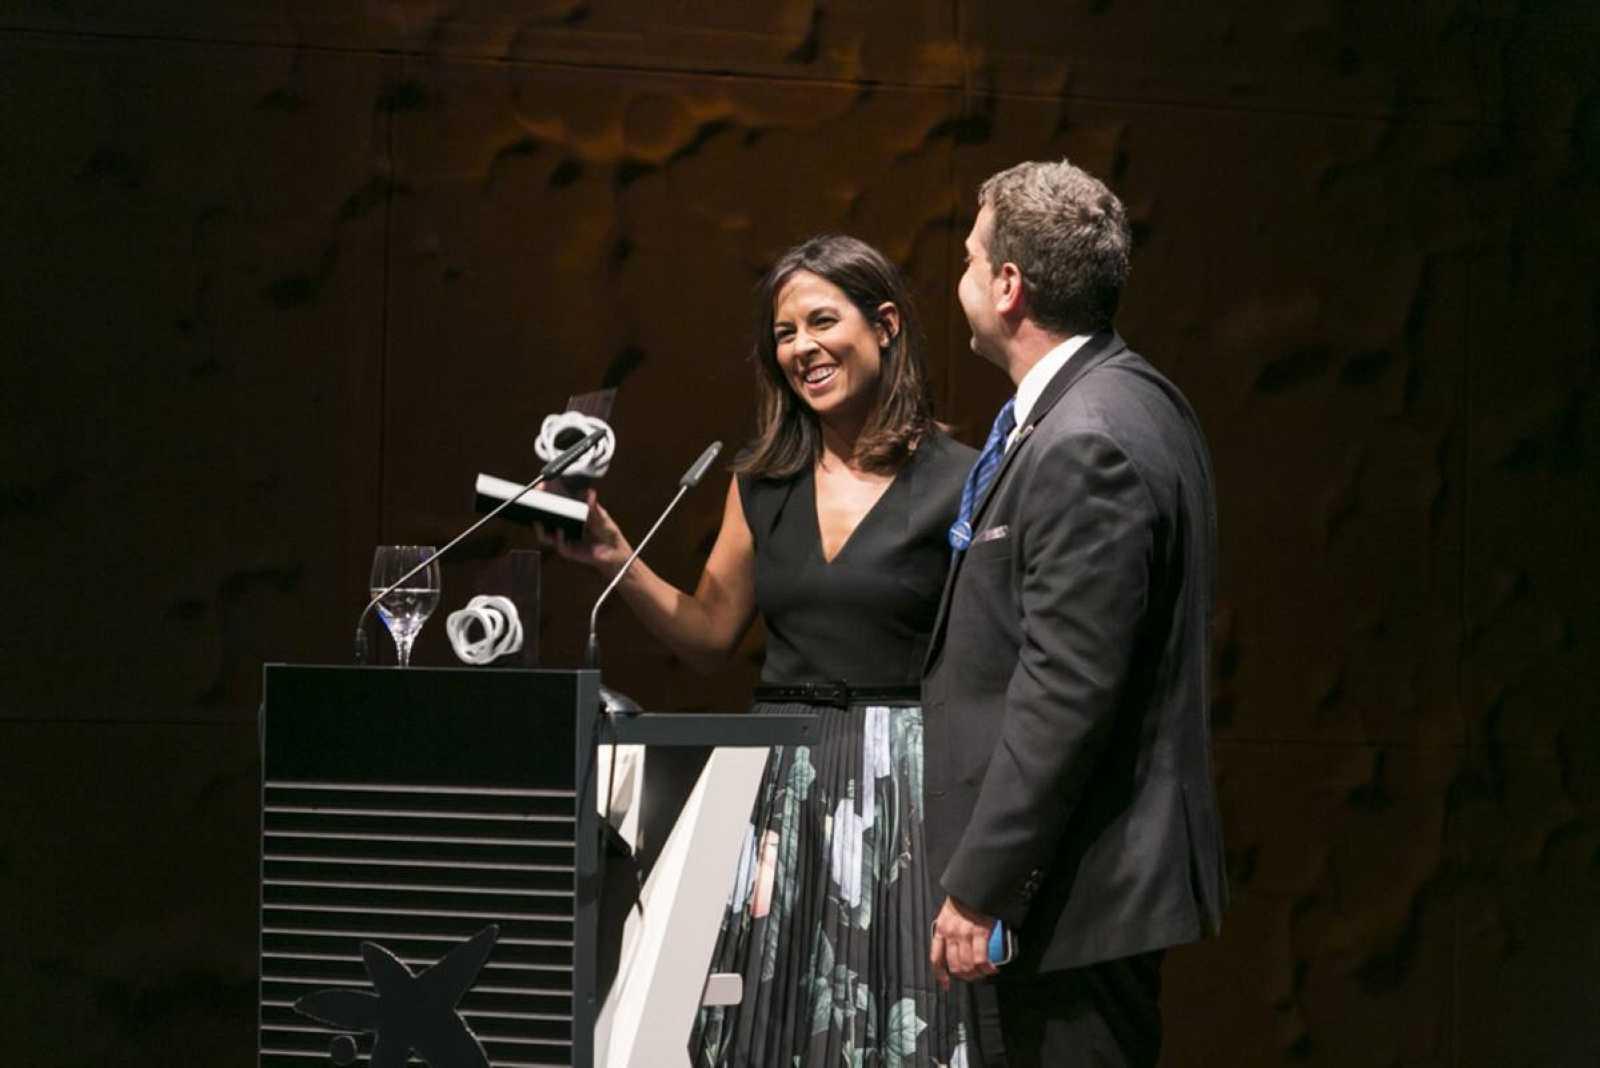 Mara Torres, que fue la presentadora de la gala, fue galardonada con uno de los Premios Corresponsables, por su implicación desinteresada en asuntos de responsabilidad social